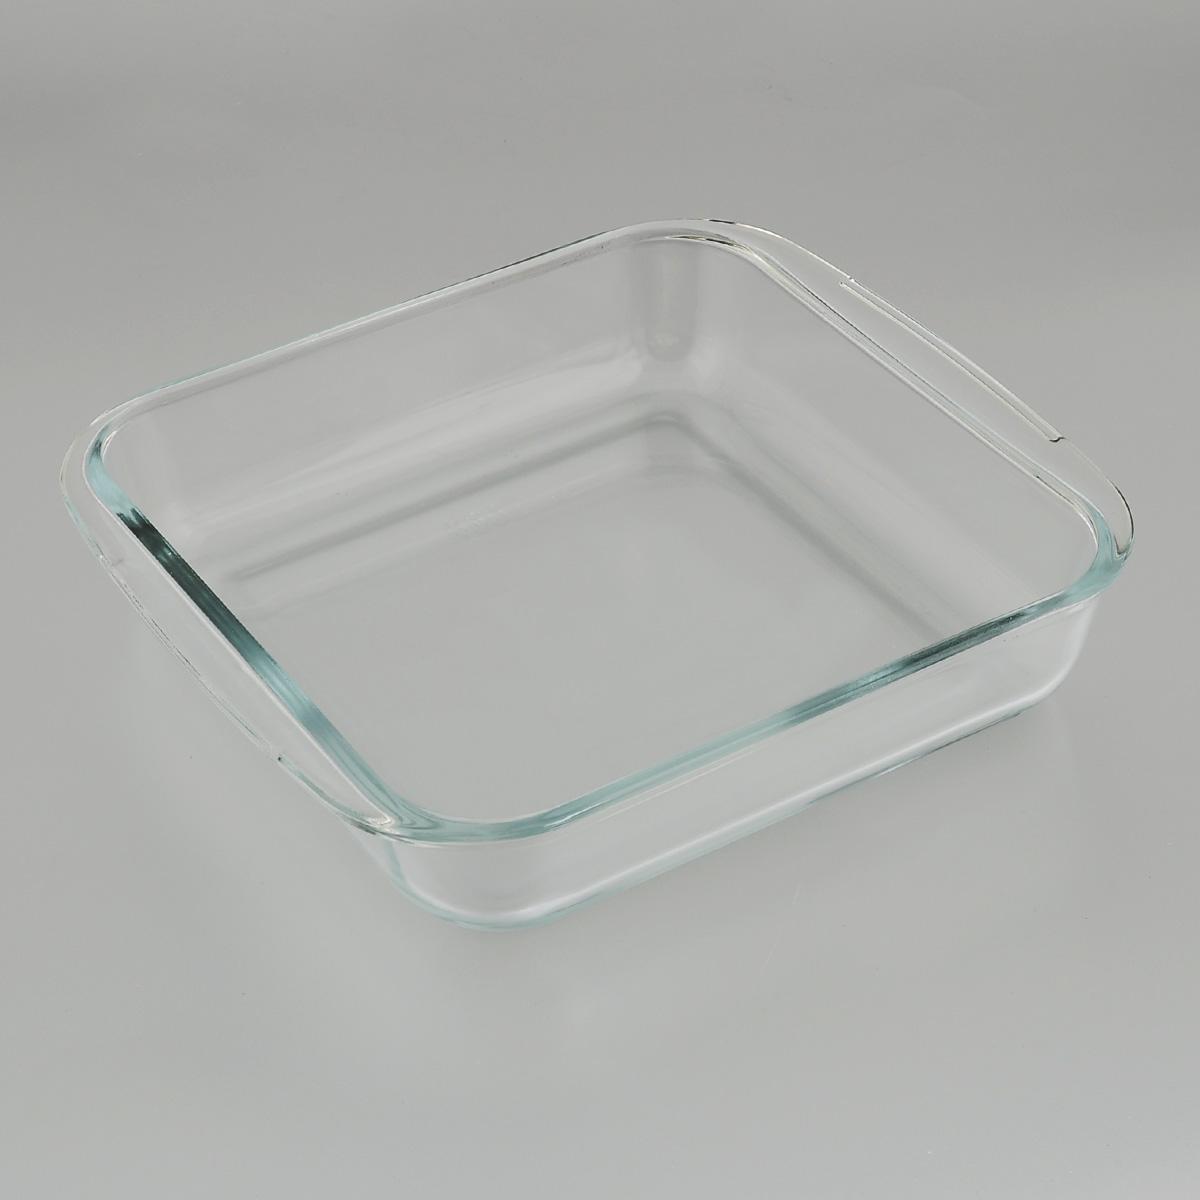 Форма для запекания Mijotex, квадратная, 24 х 22 смPL3Квадратная форма для запекания Mijotex изготовлена из жаропрочного стекла, которое выдерживает температуру до +450°С. Форма предназначена для приготовления горячих блюд. Оснащена двумя ручками. Материал изделия гигиеничен, прост в уходе и обладает высокой степенью прочности. Форма идеально подходит для использования в духовках, микроволновых печах, холодильниках и морозильных камерах. Также ее можно использовать на газовых плитах (на слабом огне) и на электроплитах. Можно мыть в посудомоечной машине. Внутренний размер формы: 21 см х 21 см. Внешний размер формы (с учетом ручек): 25 см х 22 см. Высота стенки формы: 5 см.